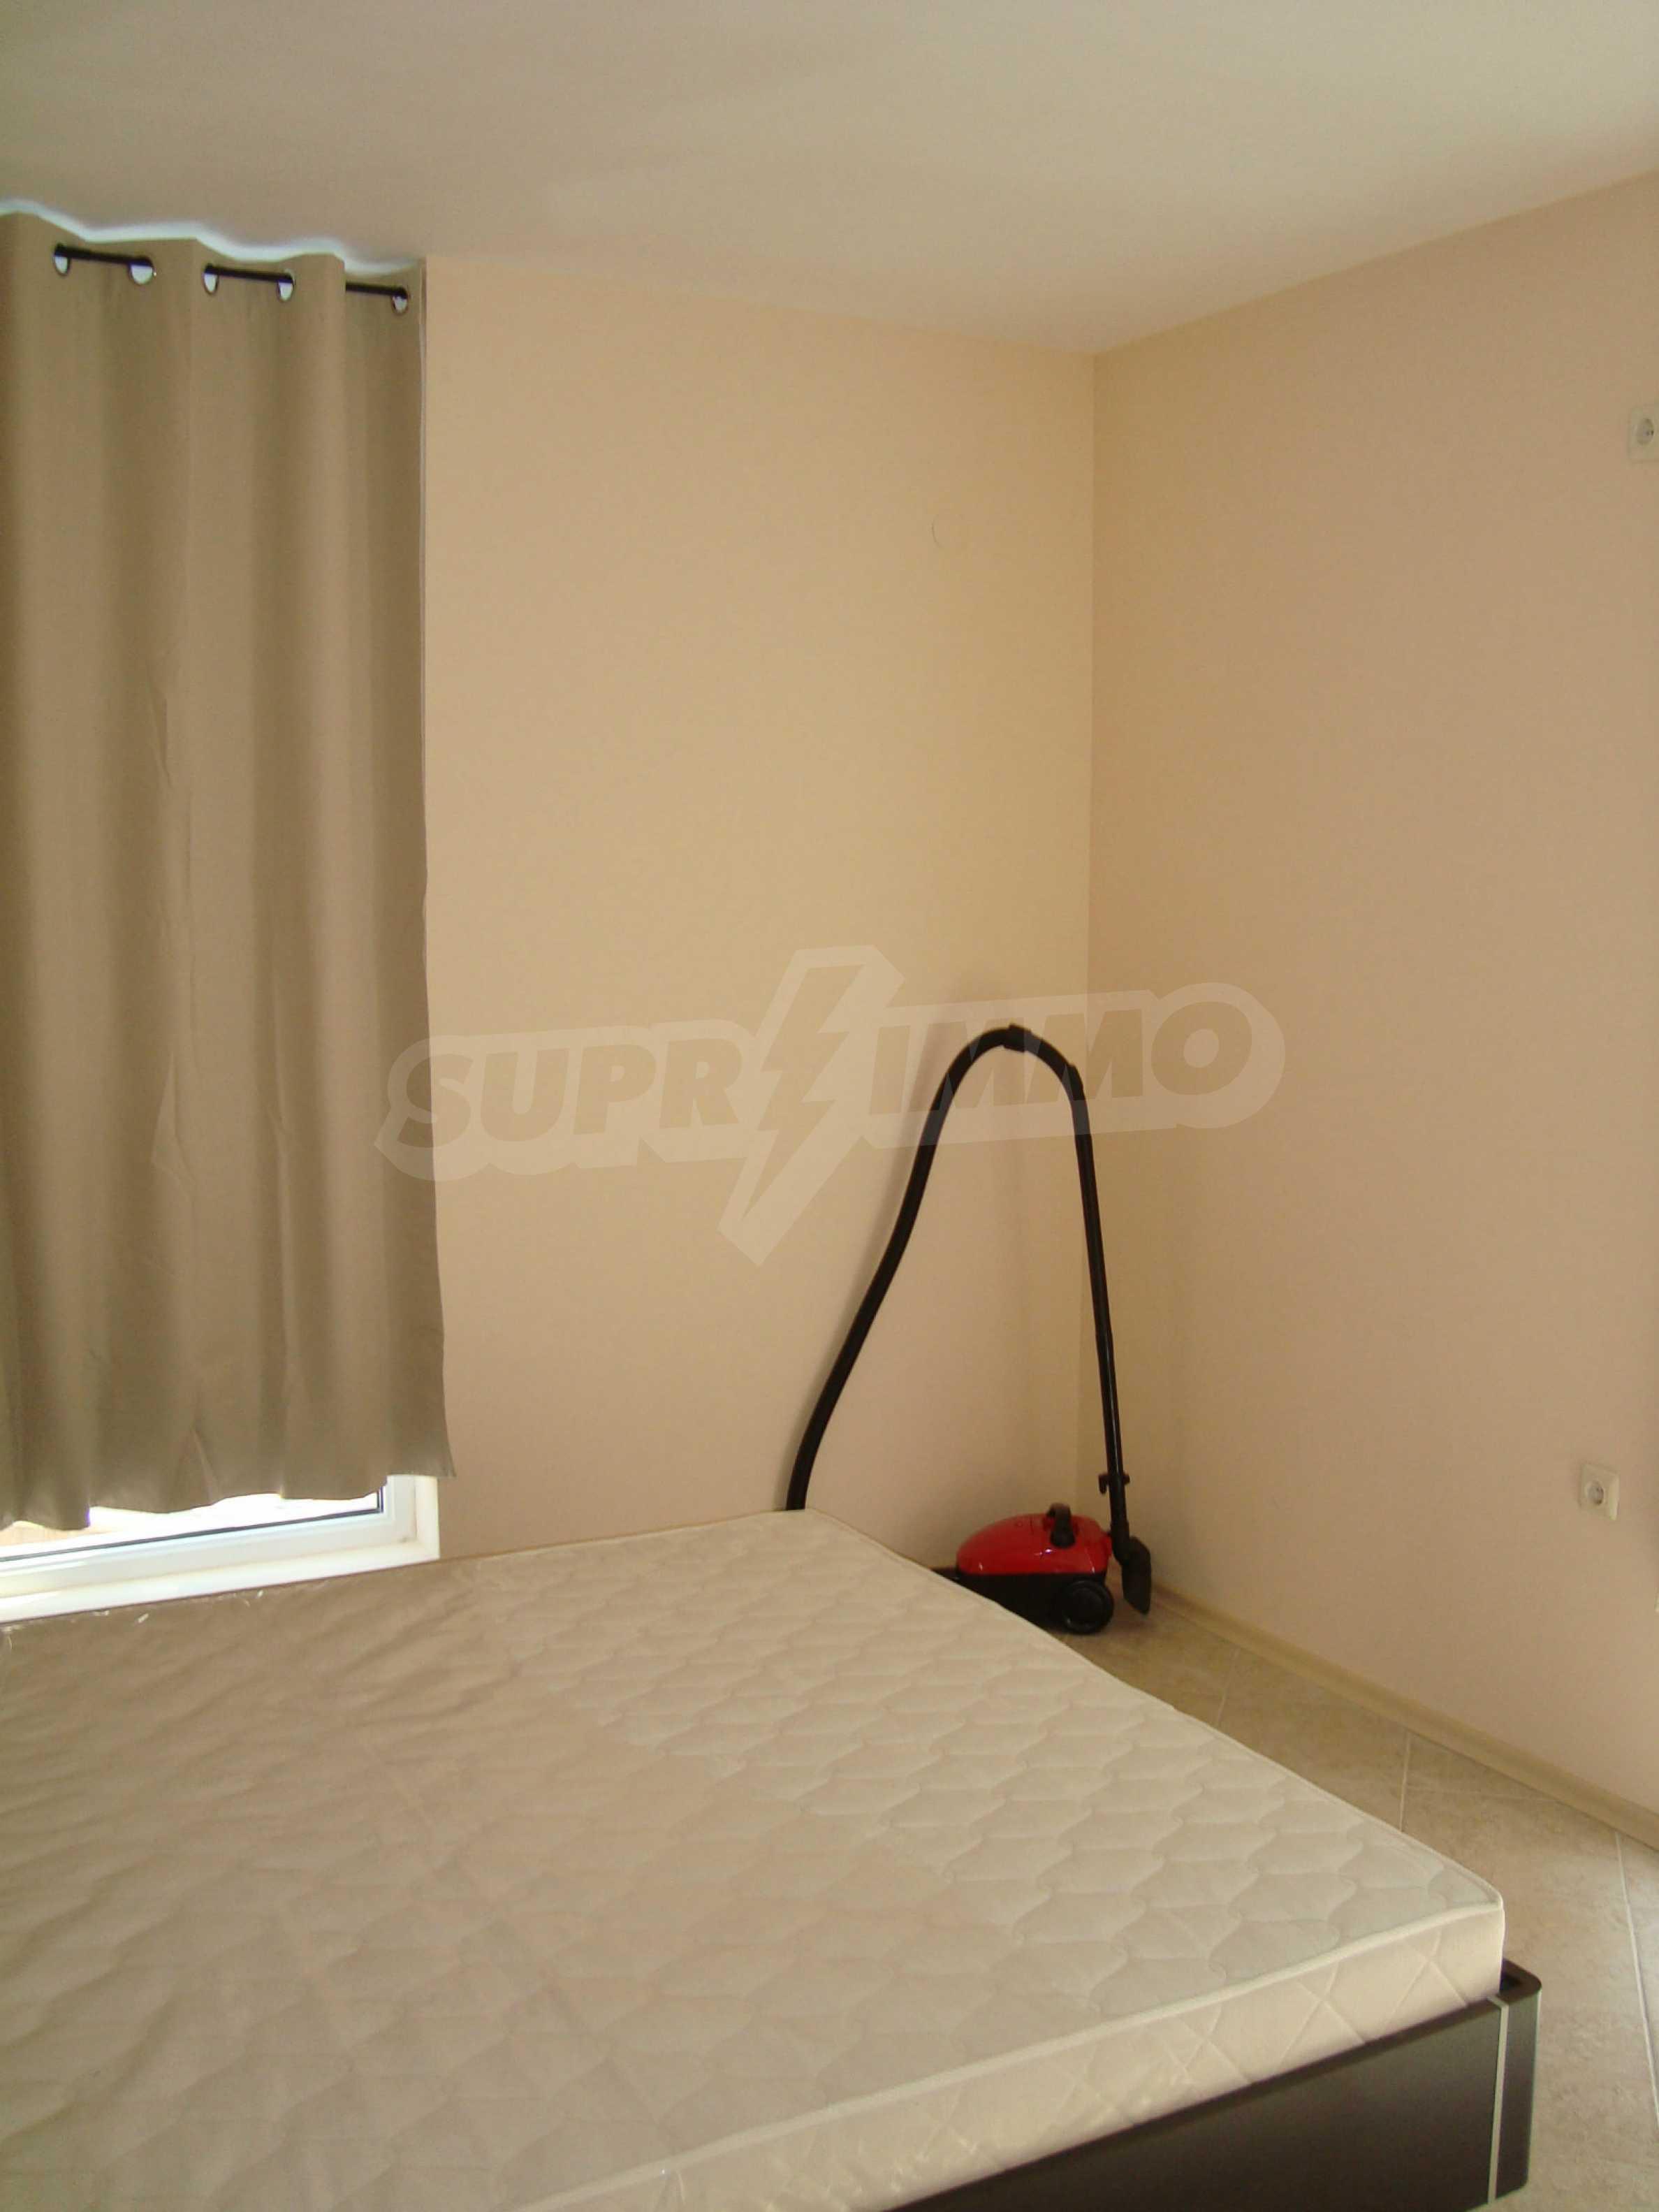 1-bedroom apartment in Kamelia Gardens complex in Sunny beach 17